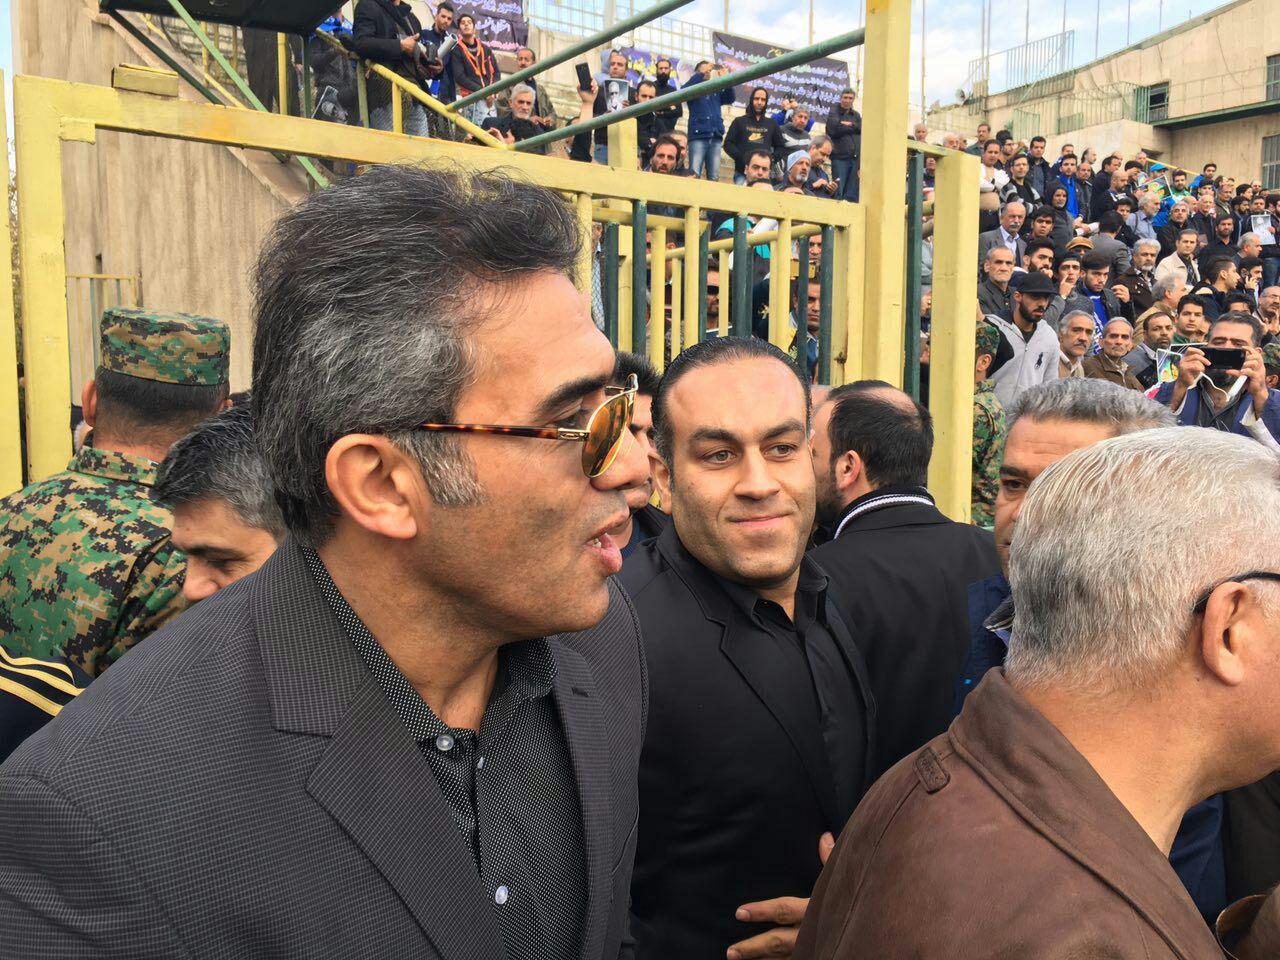 آخرین وداع فوتبالی ها و مردم با پدراستقلال درشیرودی+تصاویر